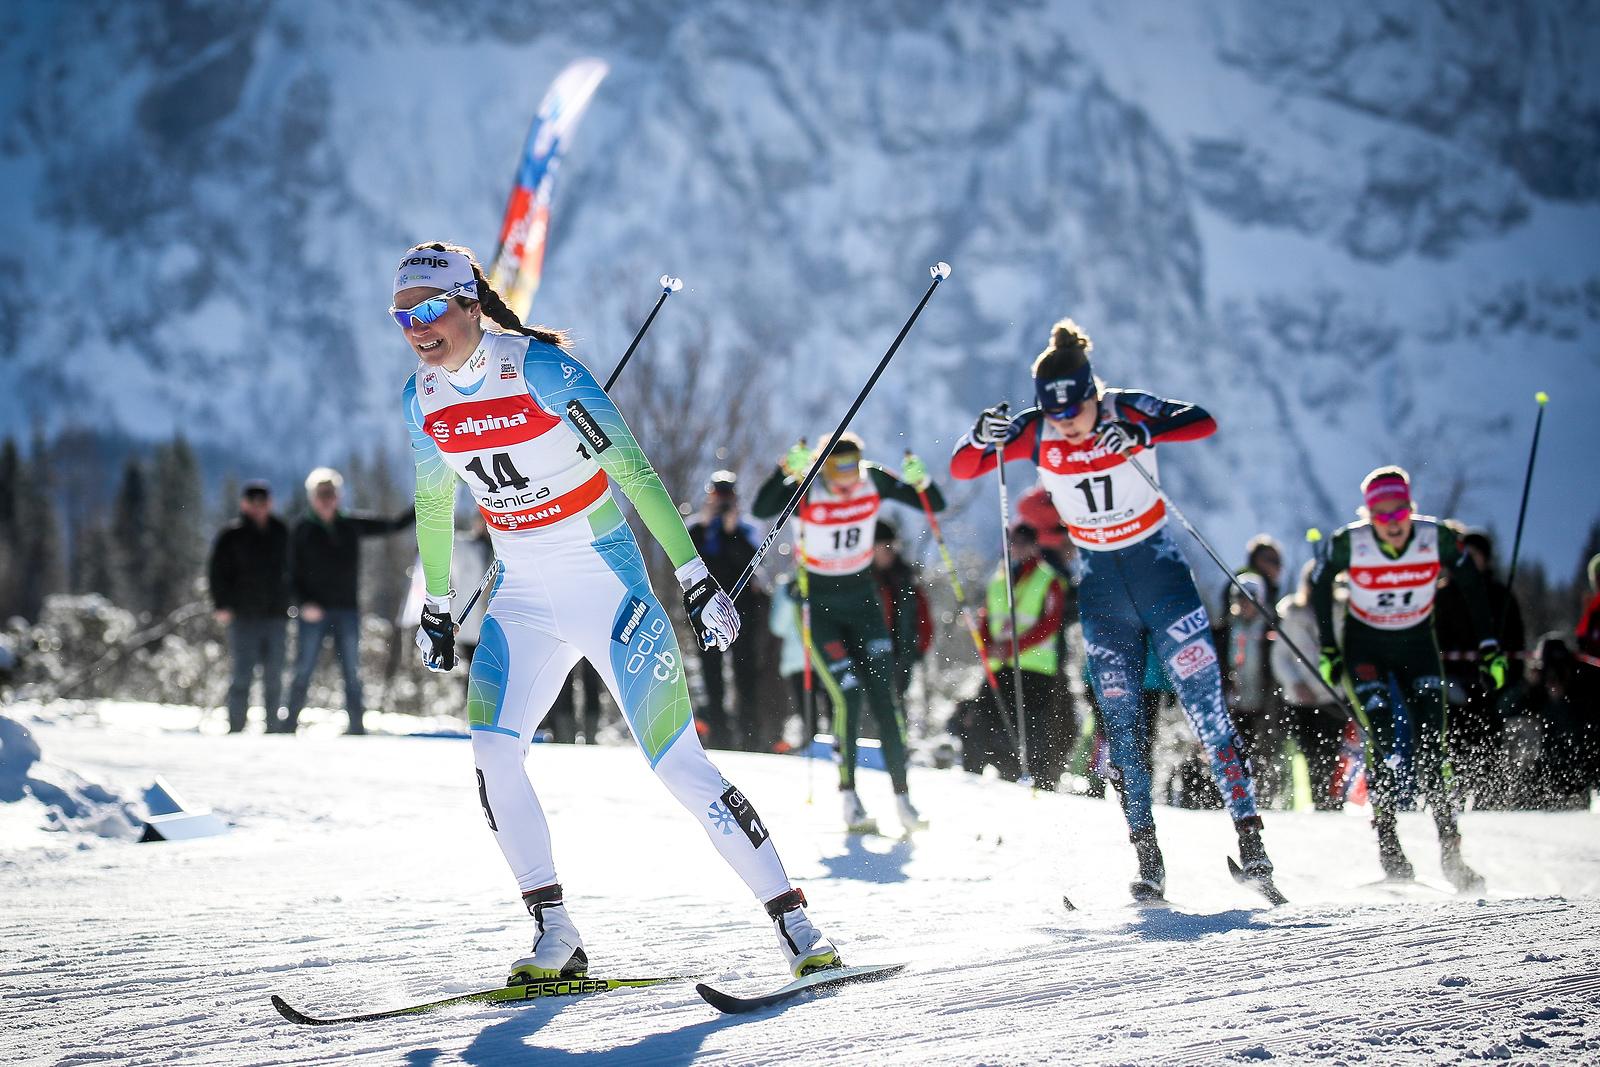 Esquí de fondo, Planica, www.slovenia.info, Urban Urbanc